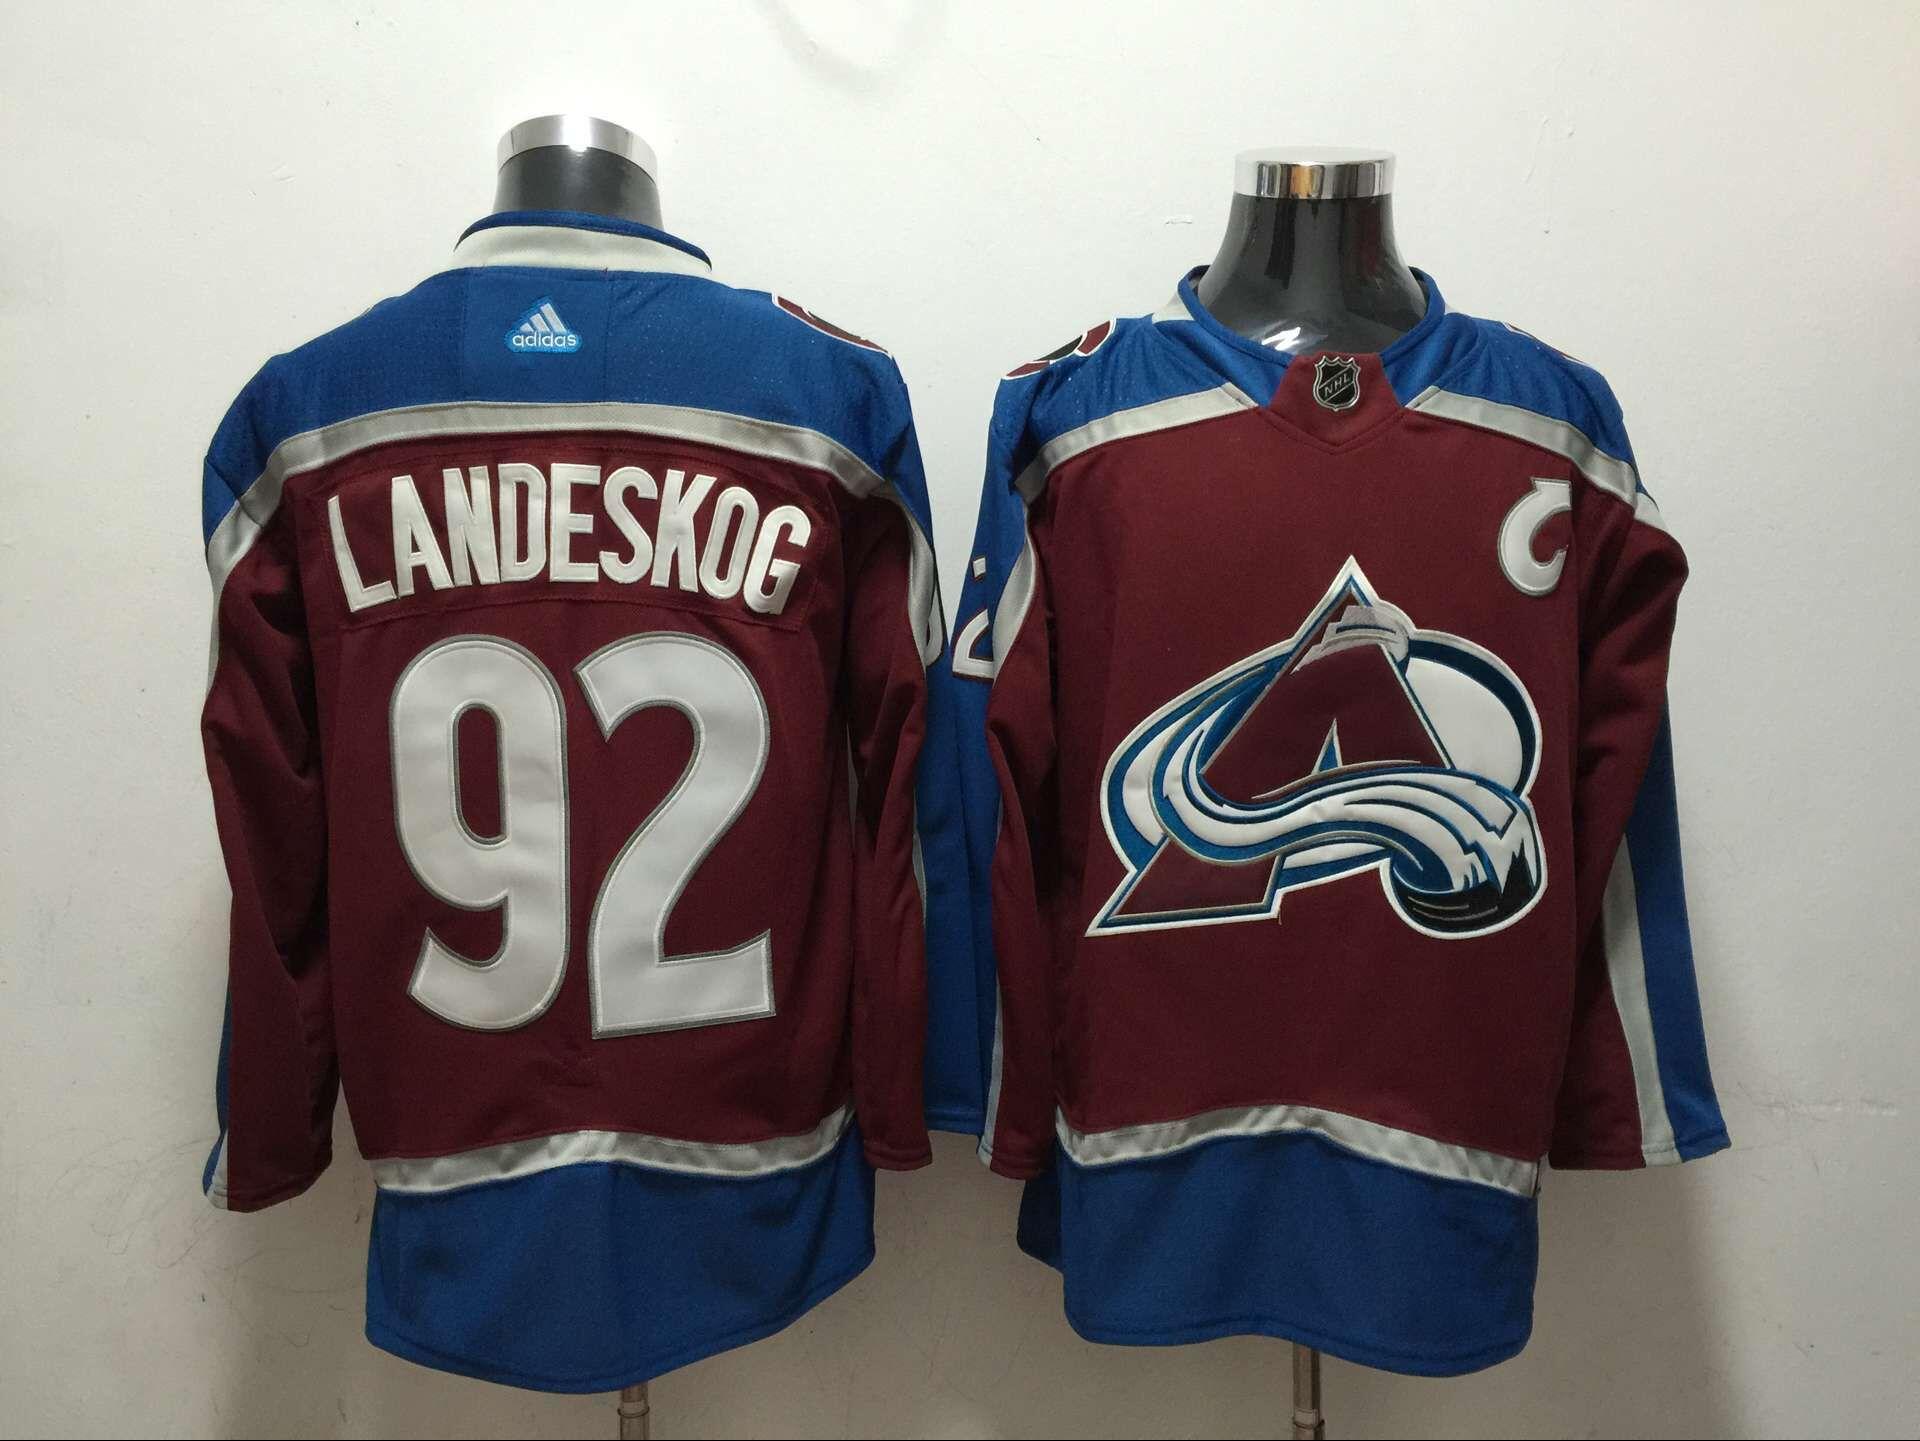 068ae648a ... reduced men colorado avalanche 92 landeskog red adidas hockey stitched  nhl jerseys df126 f4f9b